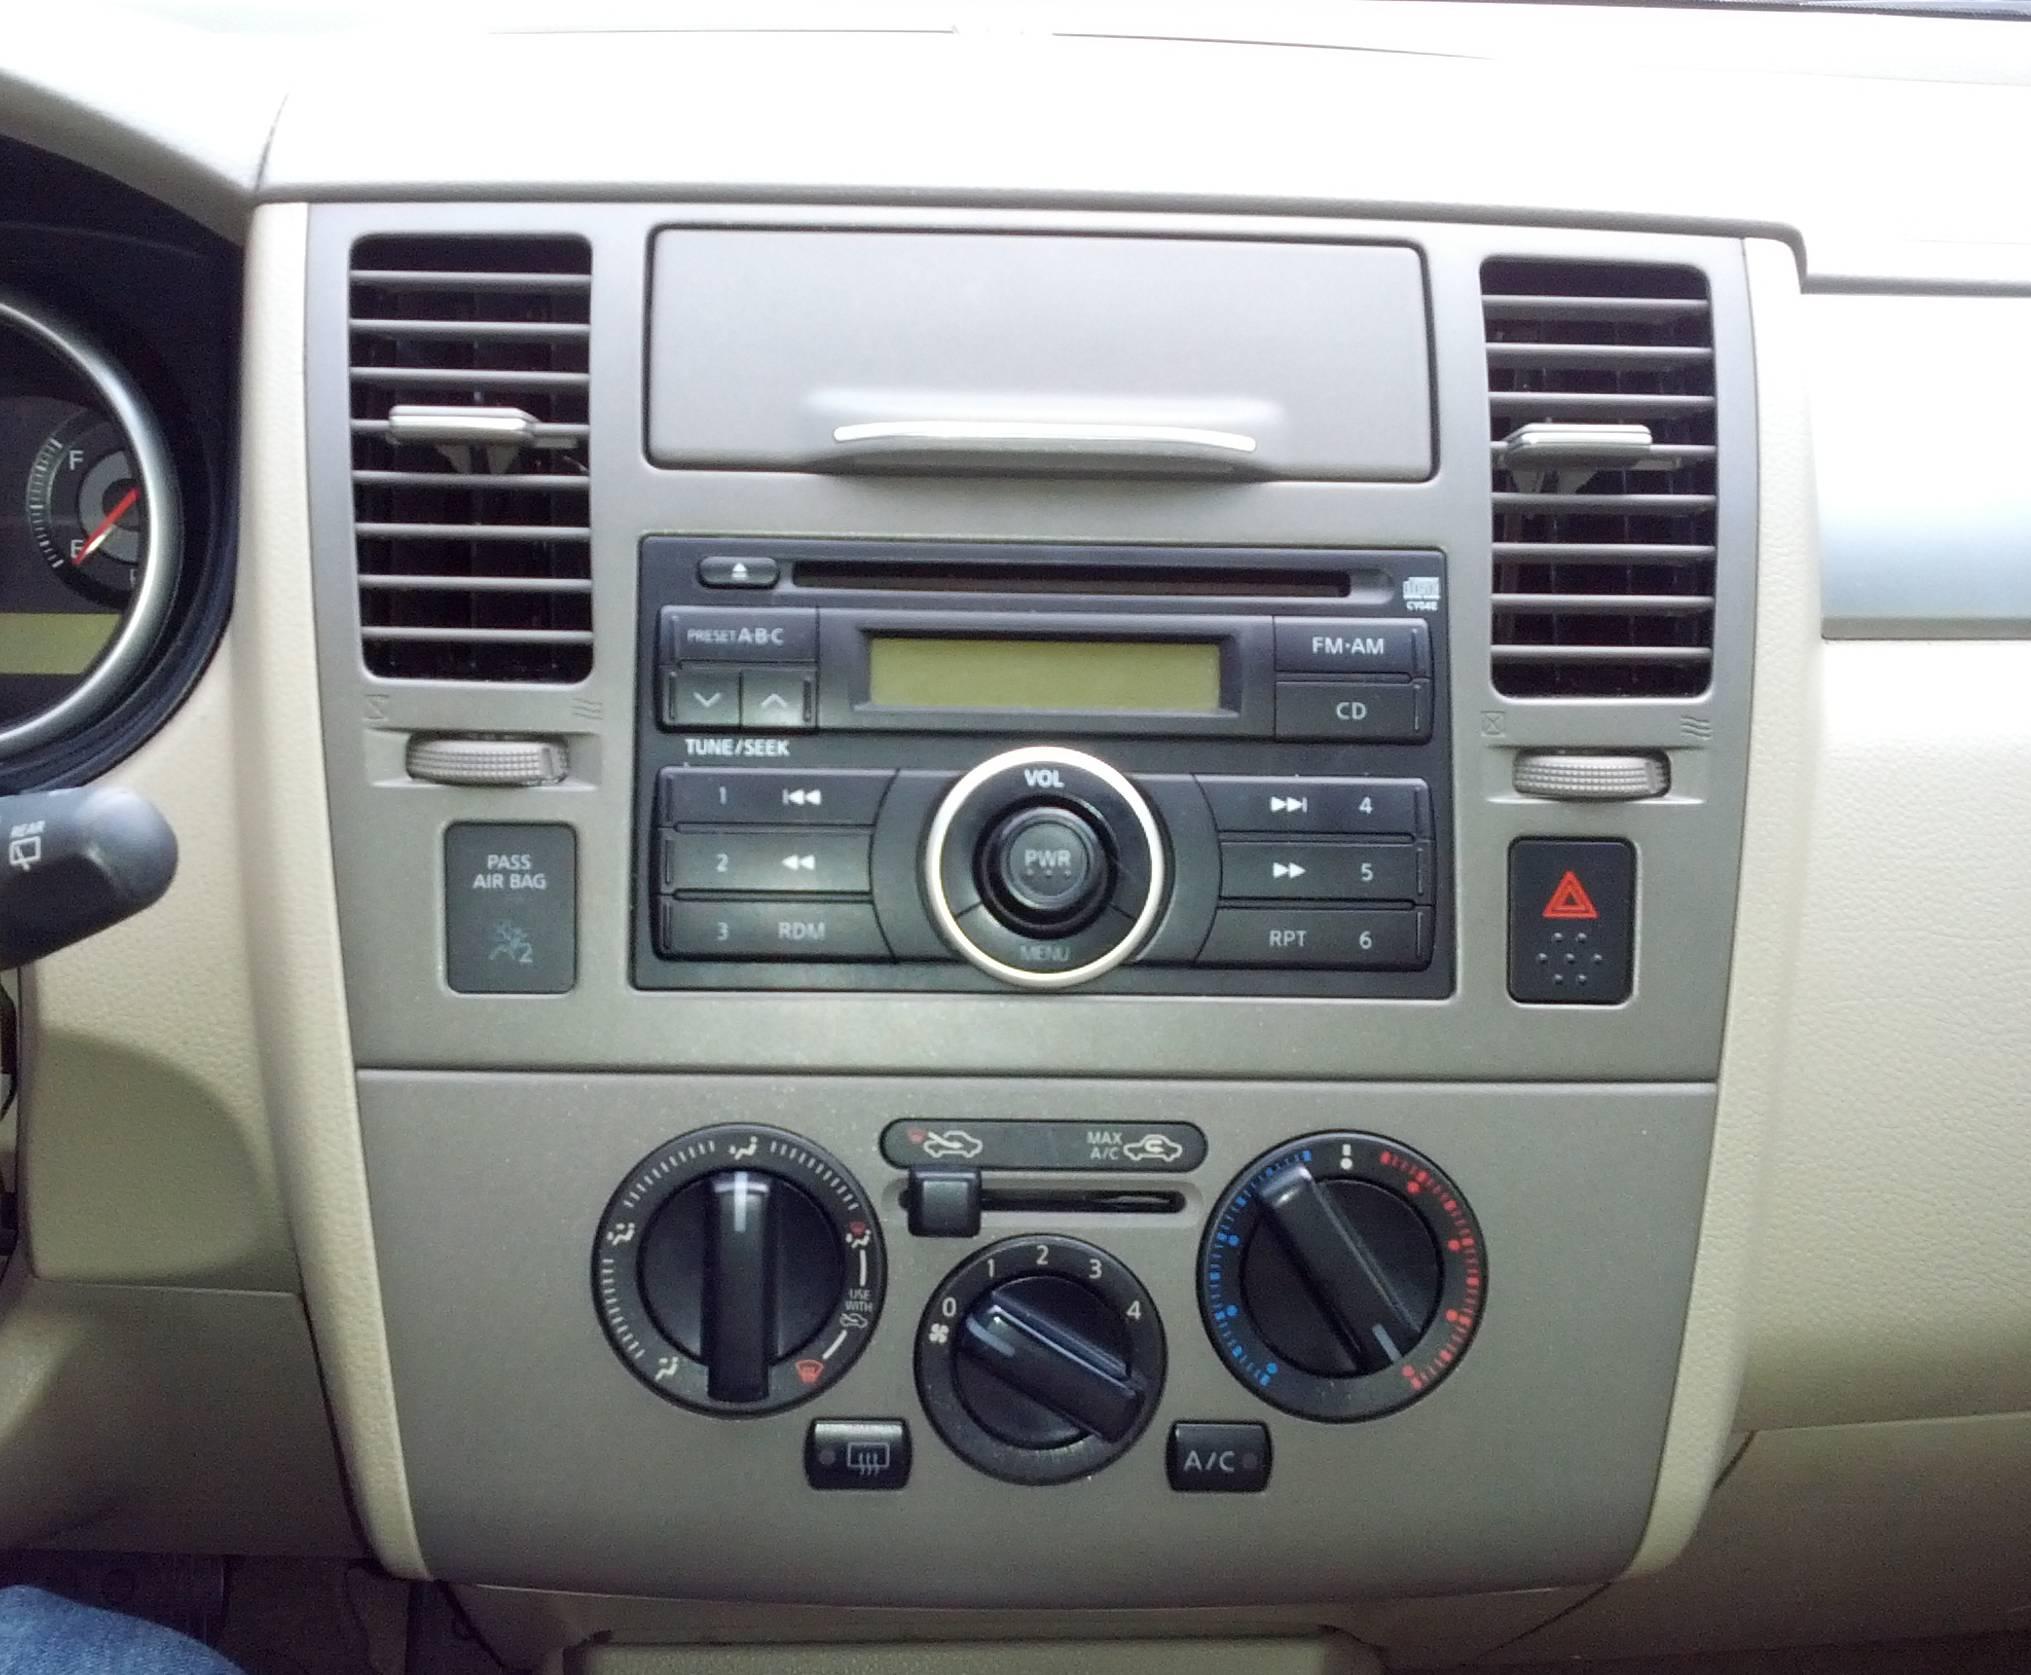 Ausgezeichnet Nissans Versa Stereo Schaltplan Fotos - Schaltplan ...